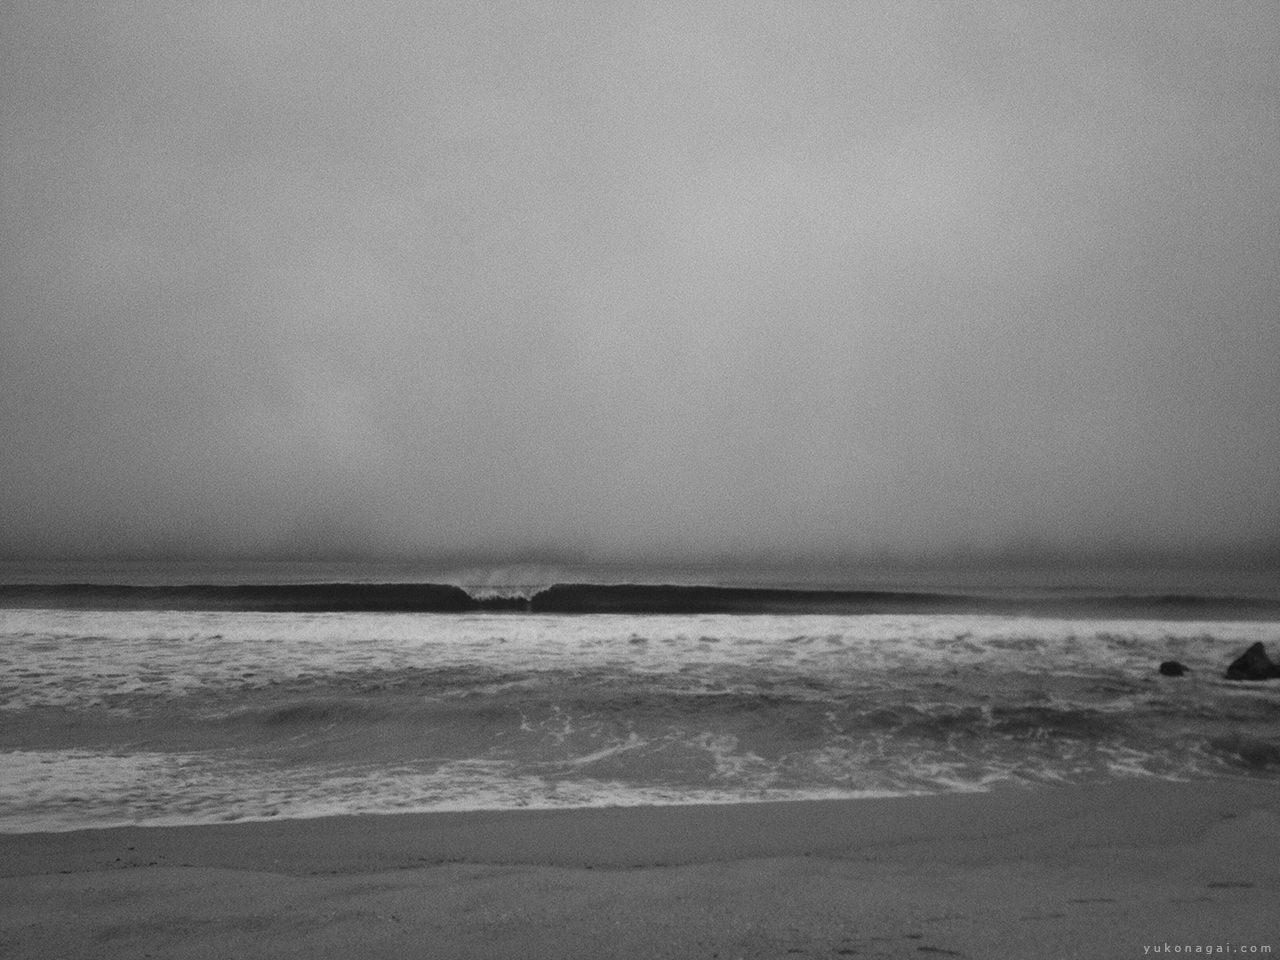 A wave on a cloudy beach.